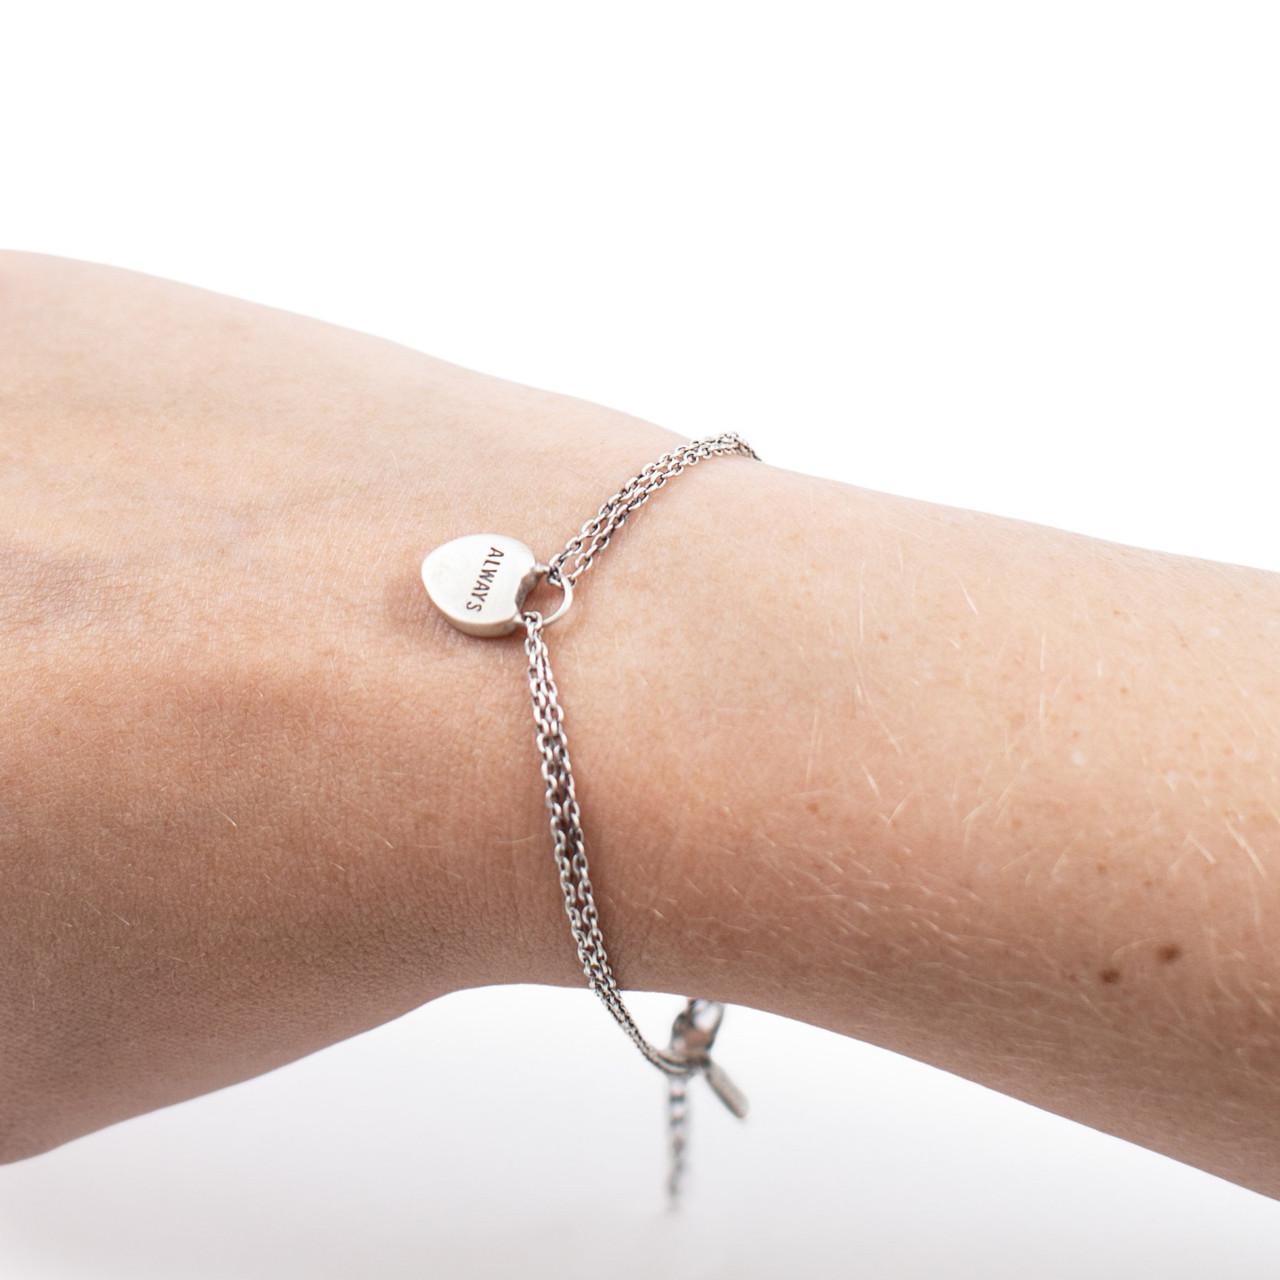 silver bracelet with heart lock